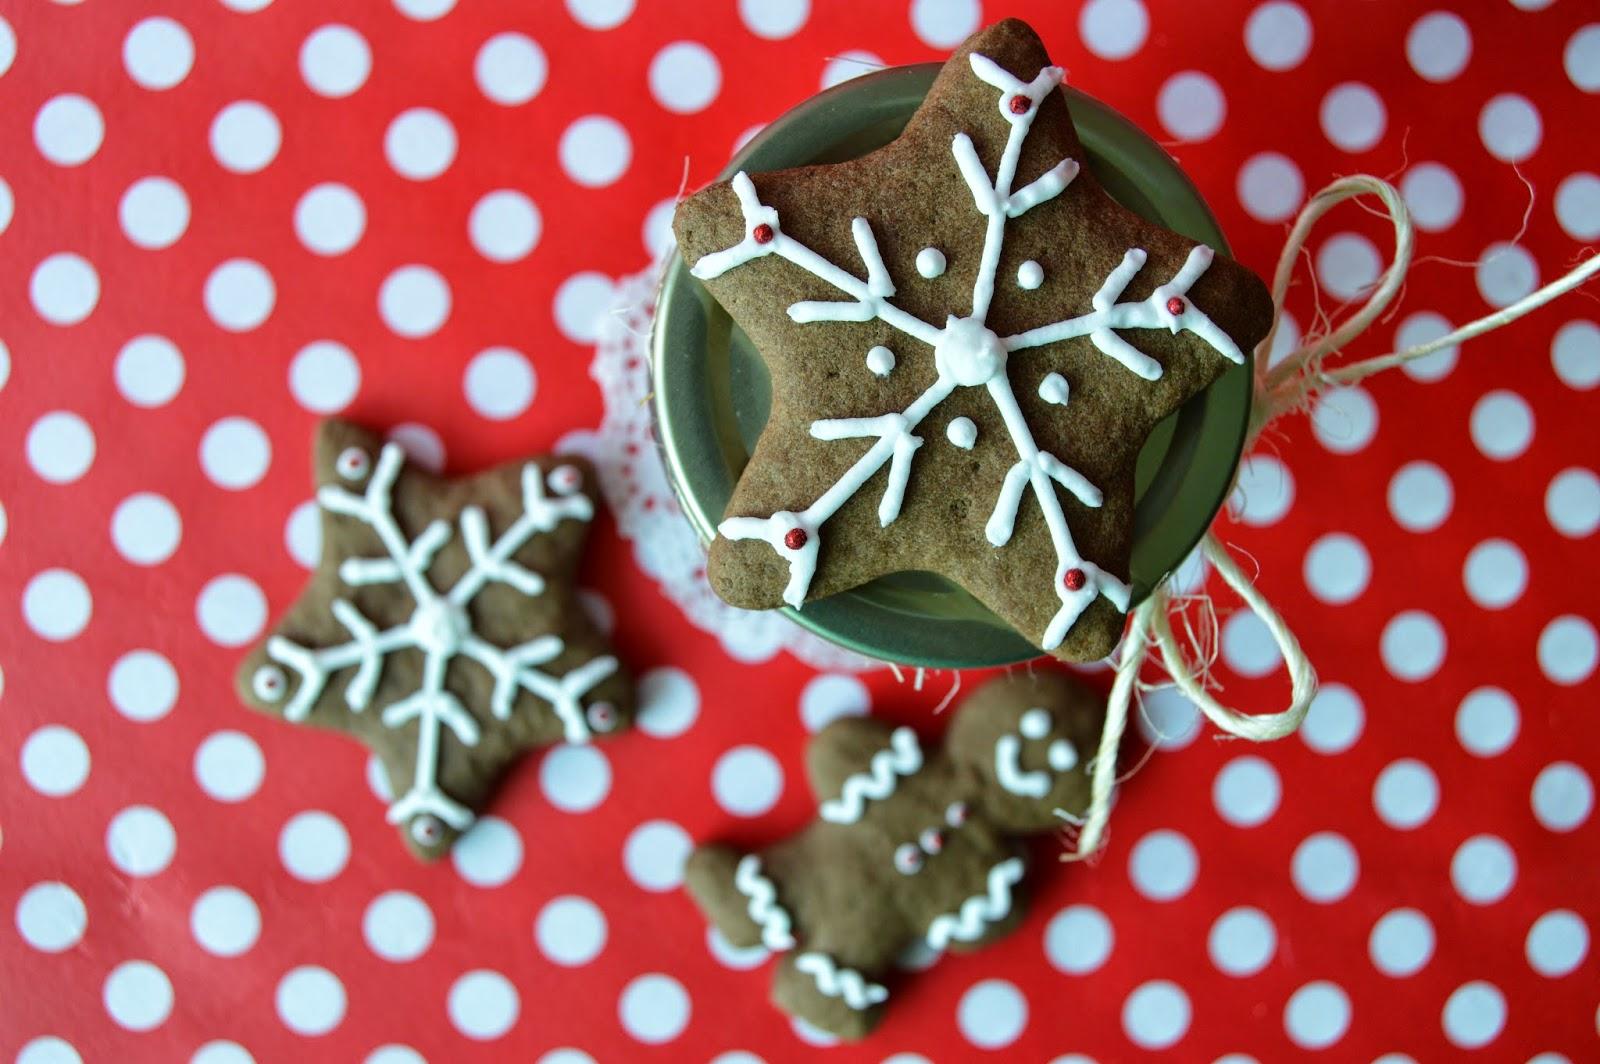 galletas-copos-nieve-jengibre-chocolate-navidad-mexico